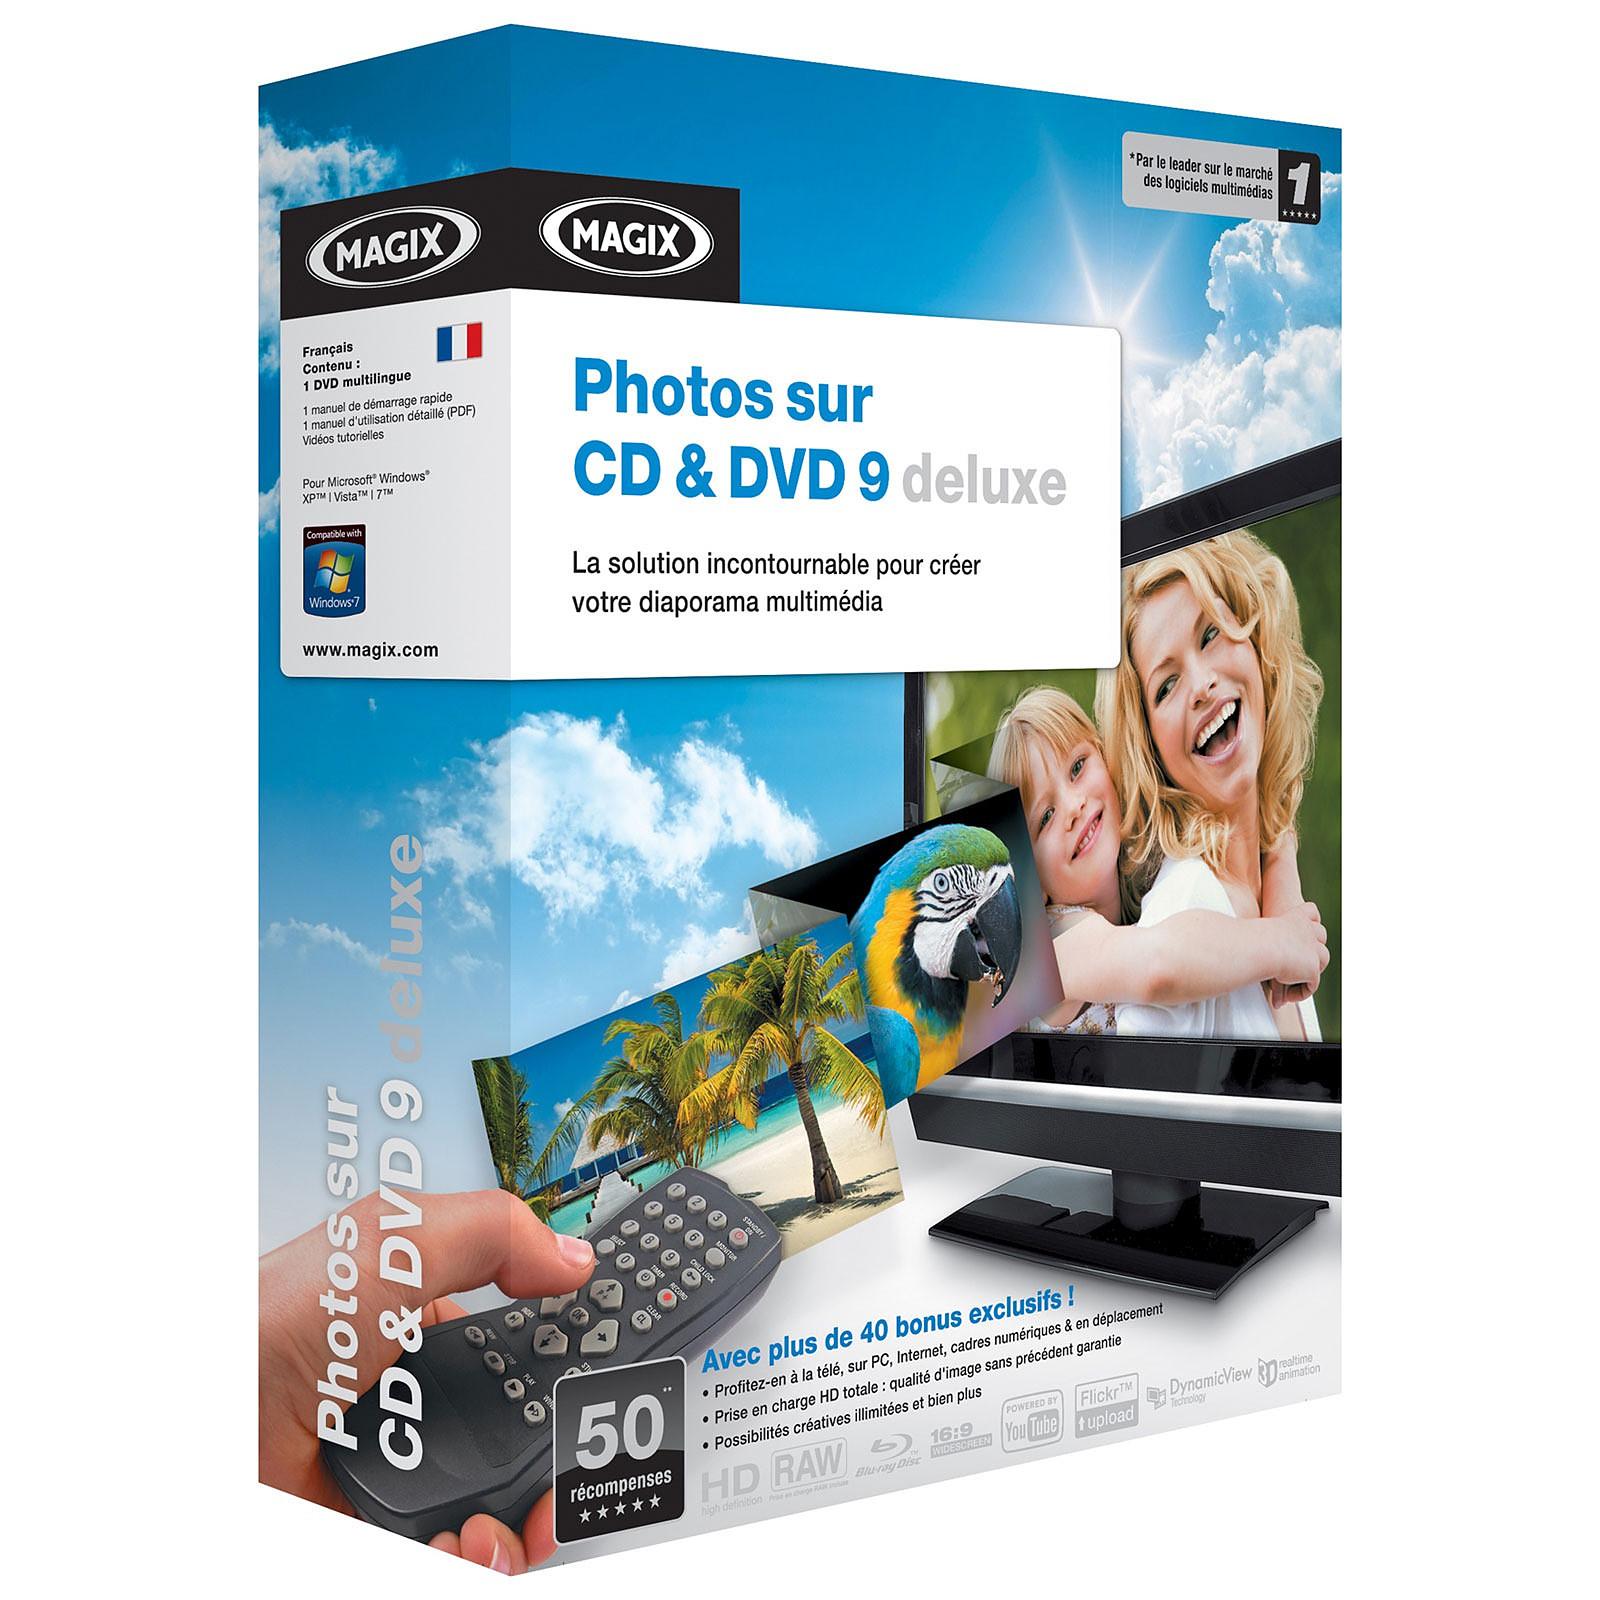 Magix Photos sur CD & DVD 9 Deluxe